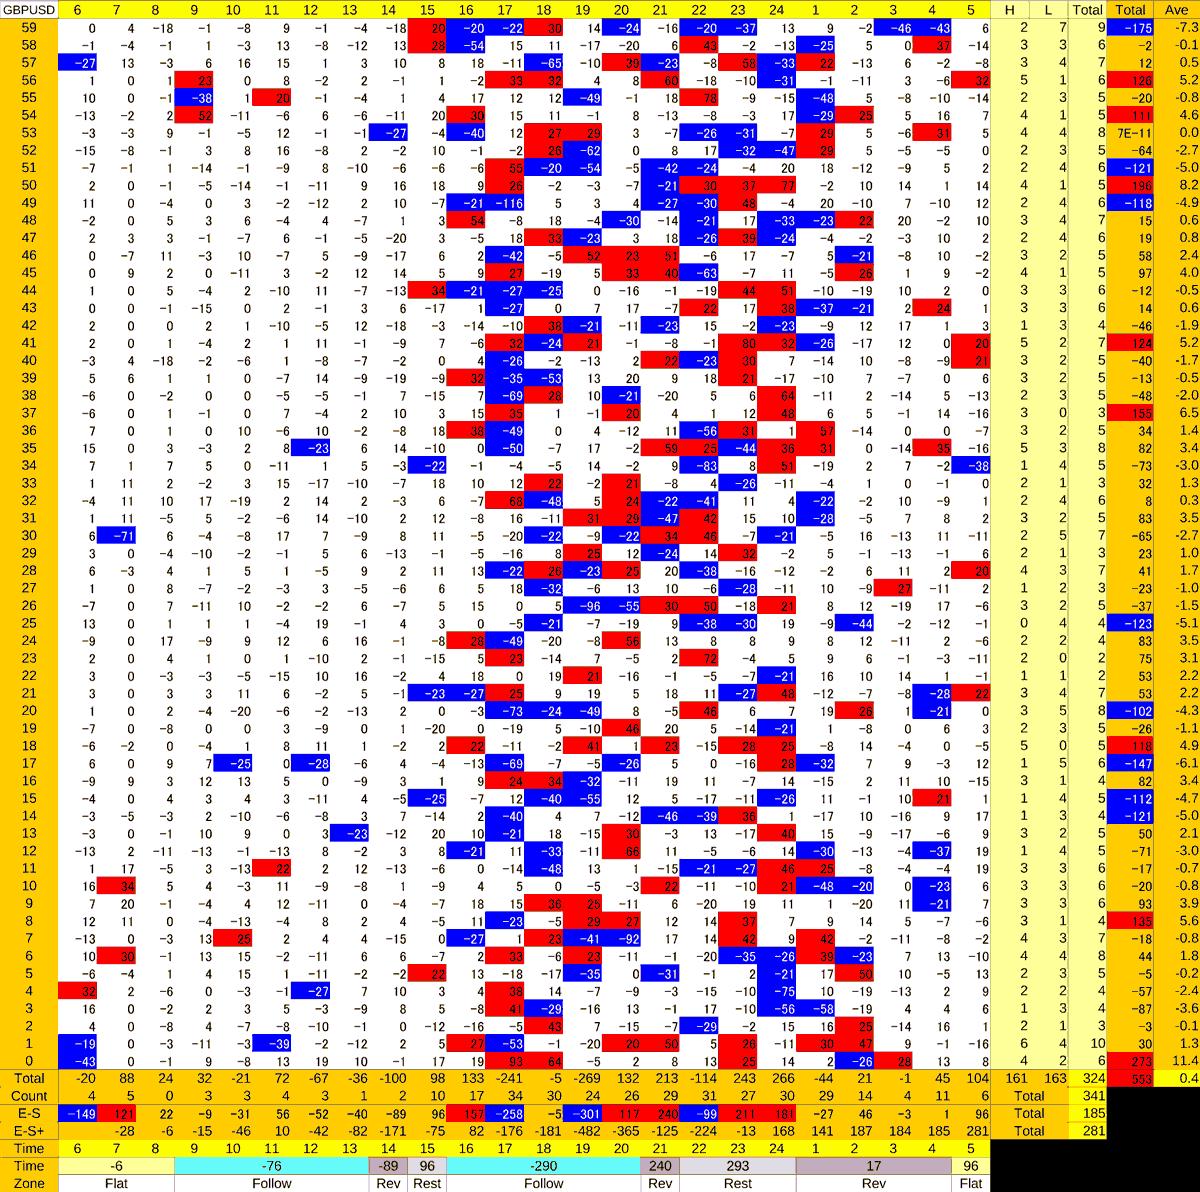 20201125_HS(2)GBPUSD